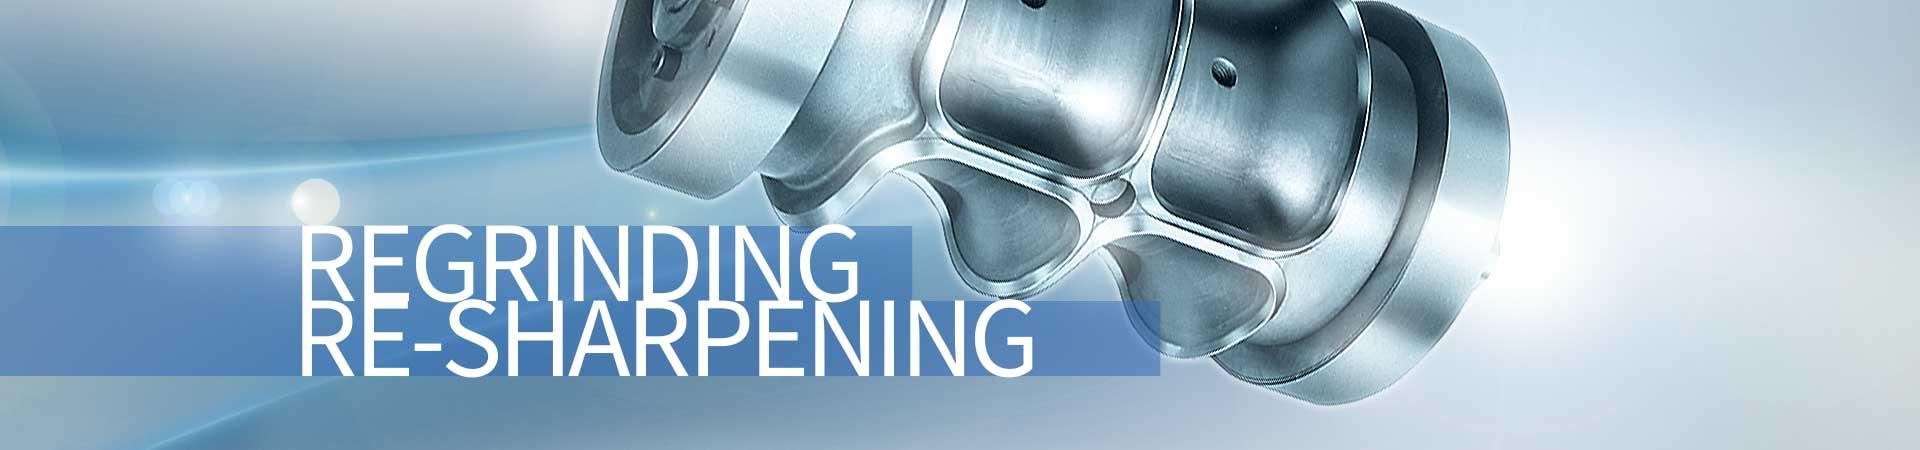 Regrinding-Re-sharpening